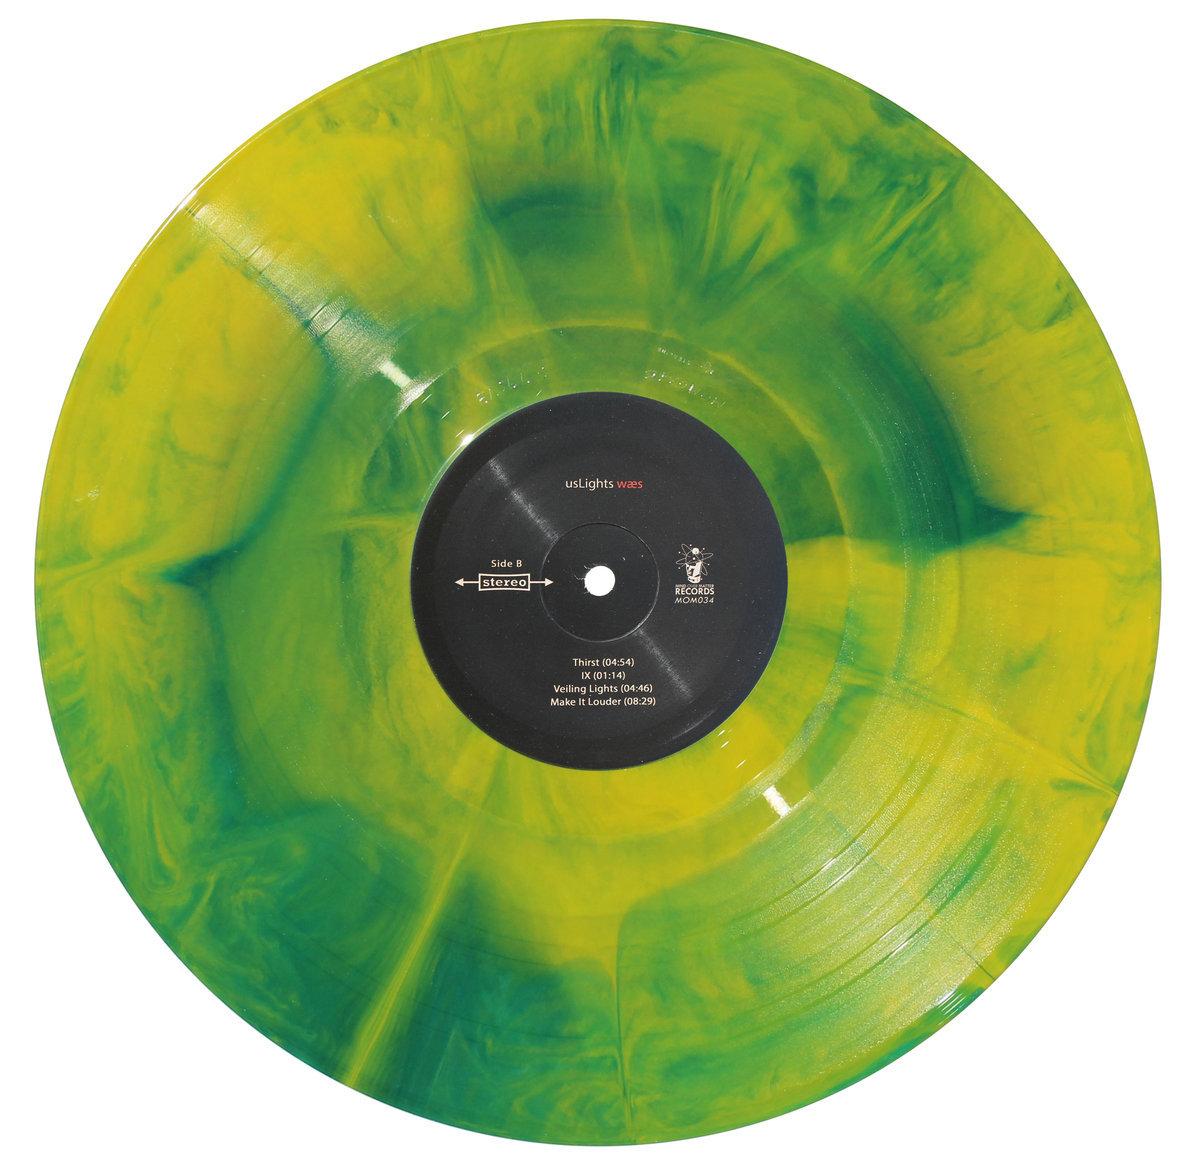 usLights / wæs(60 Ltd LP)